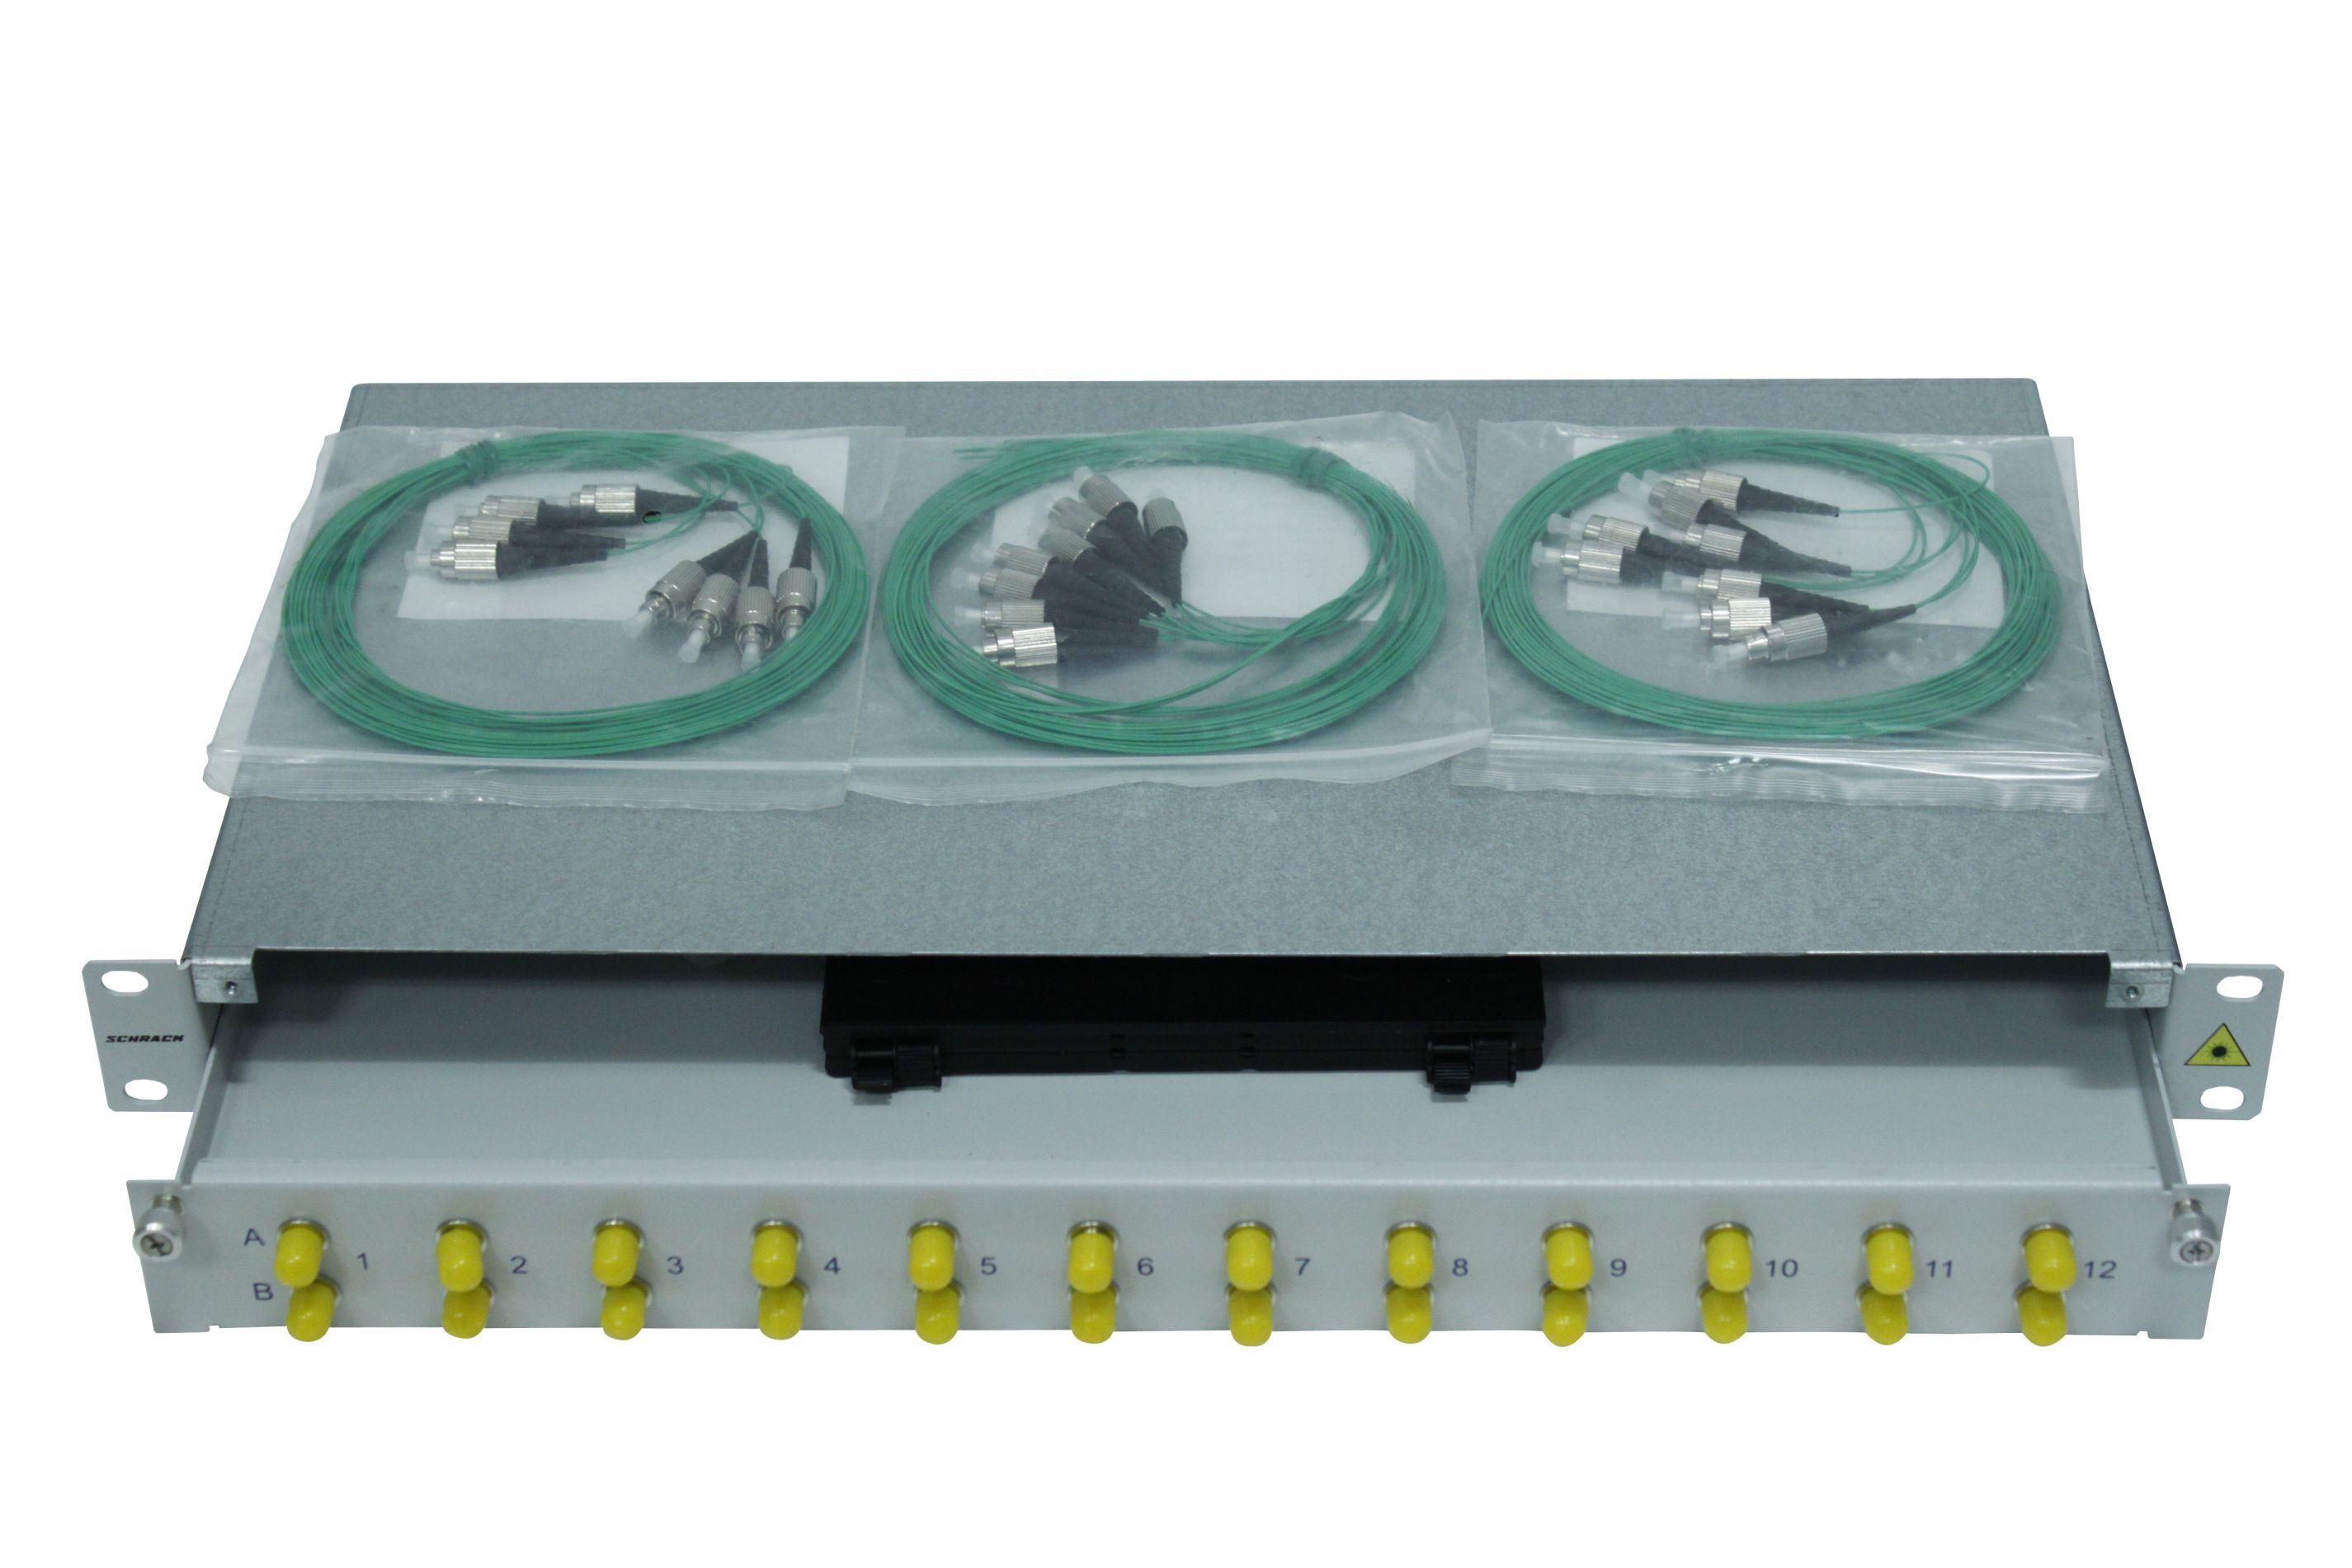 1 Stk LWL Spleißbox, 8Fasern,FC,50/125µm OM2, ausziehbar,19,1HE HSELS085FG